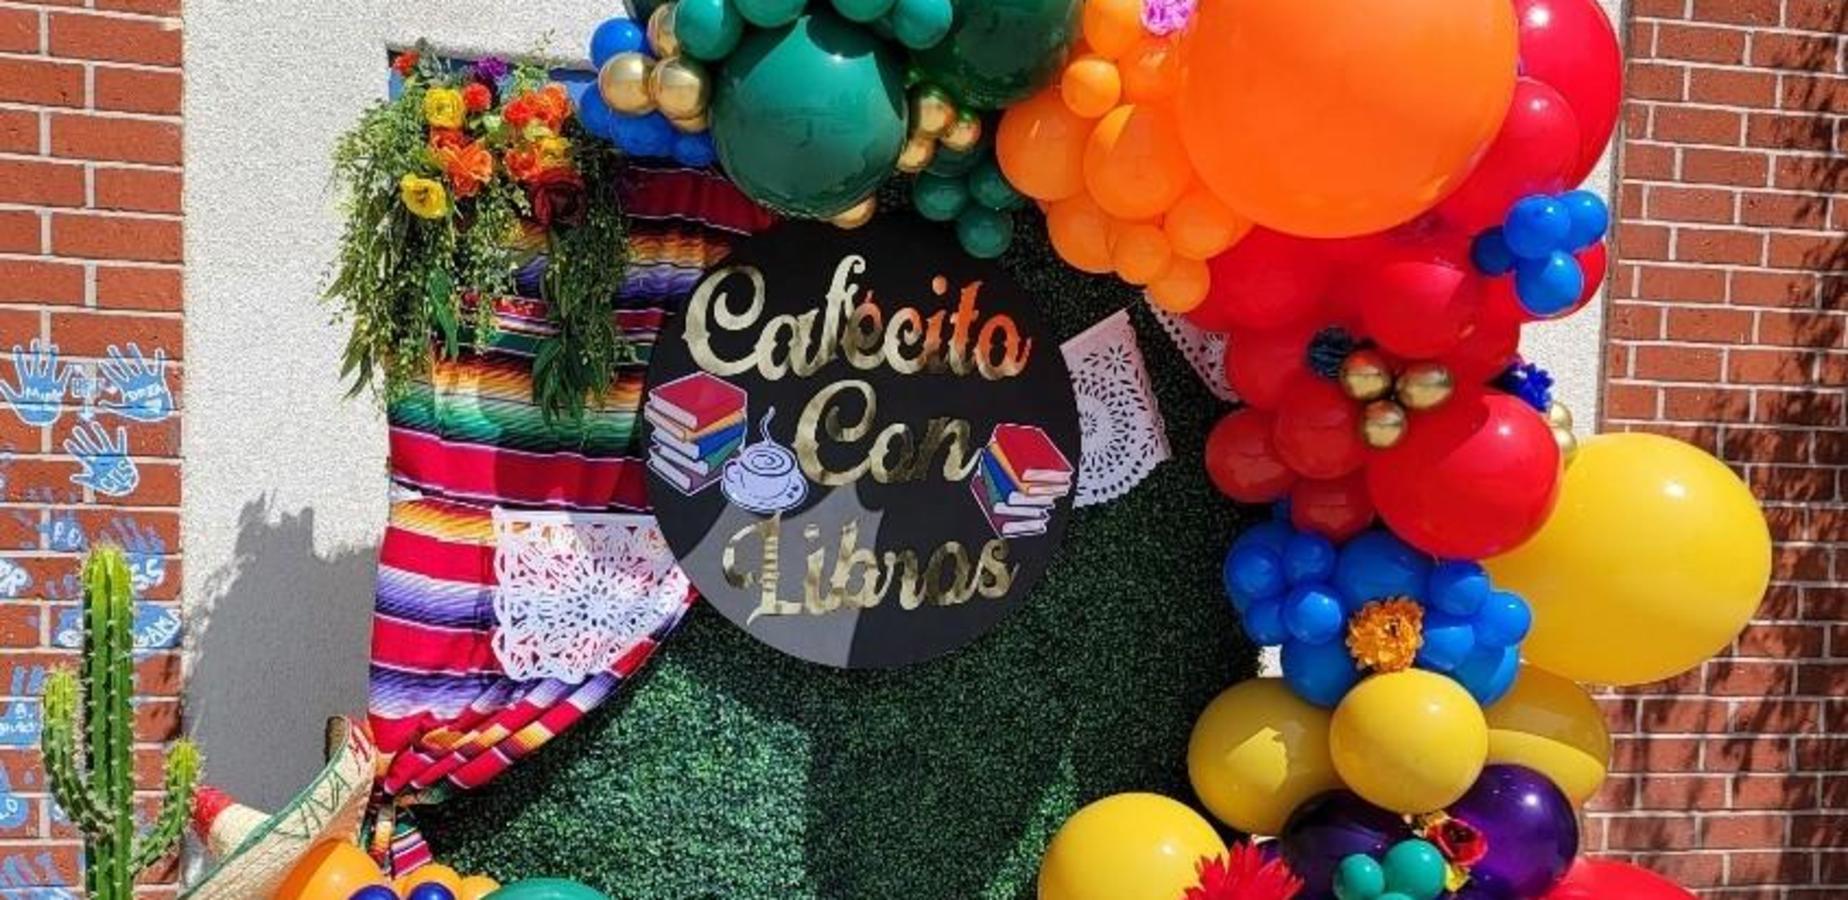 Cafecito Con Libros Kick Off